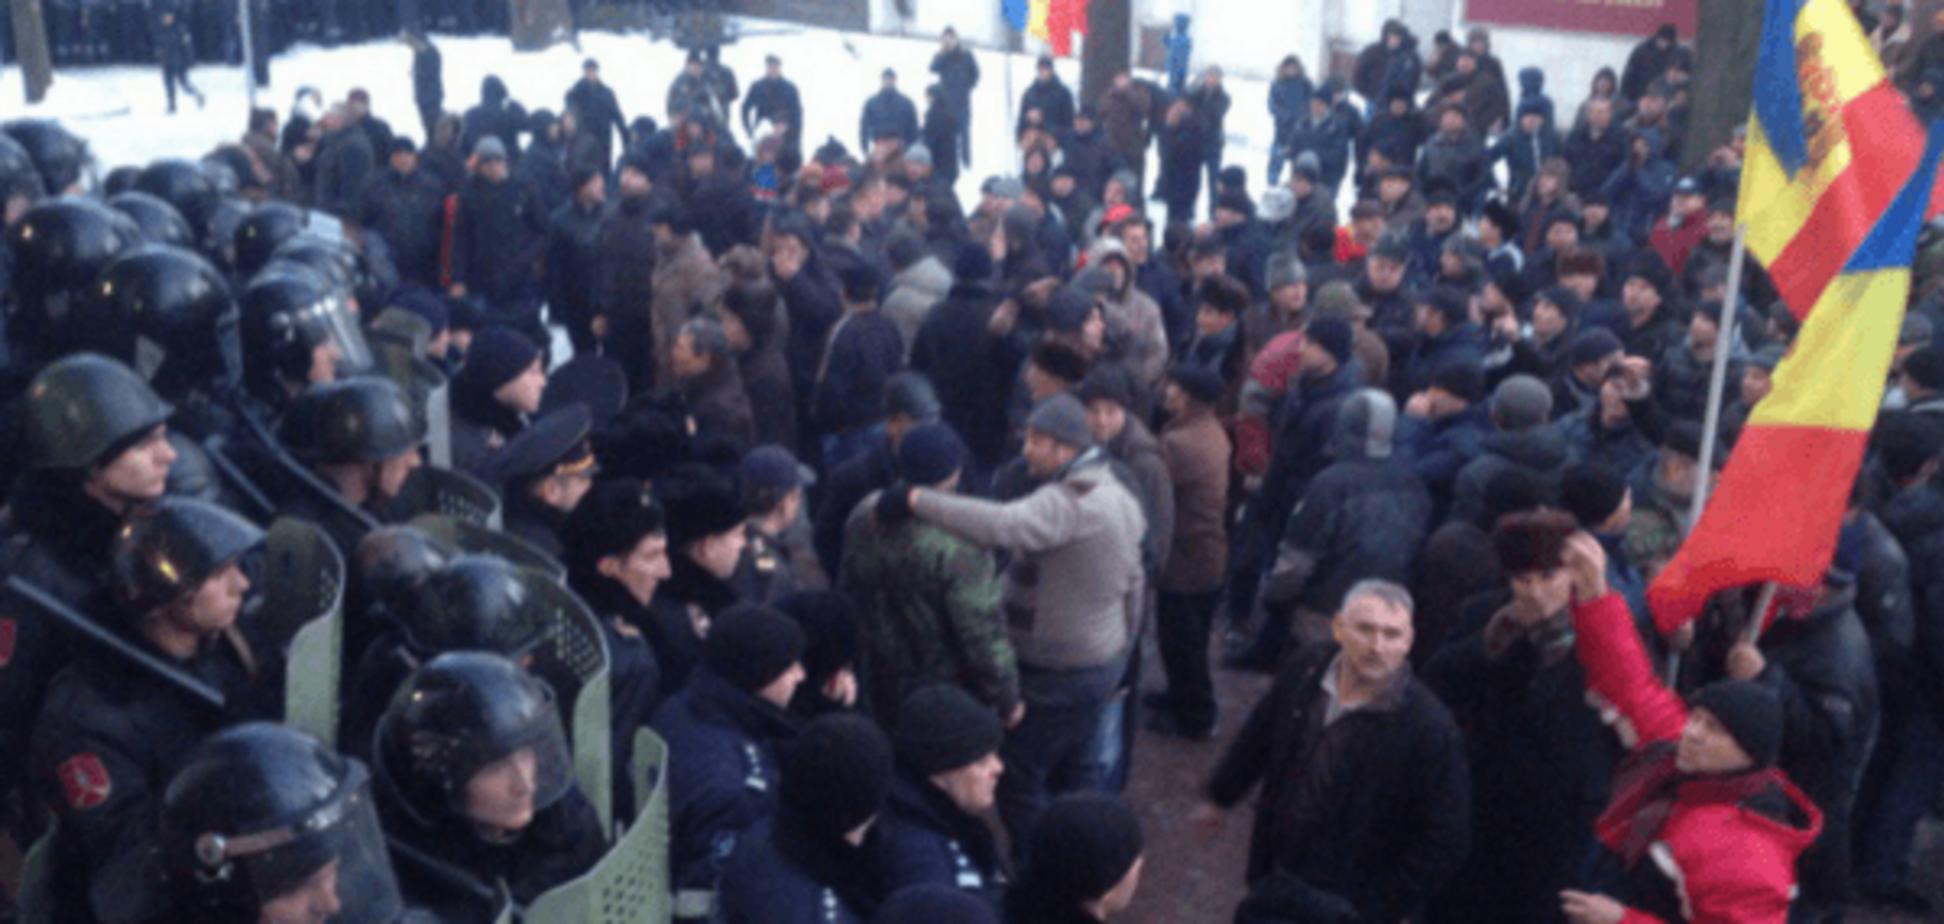 Революция в Молдове: протестующие покинули парламент, есть раненые. Опубликованы фото и видео